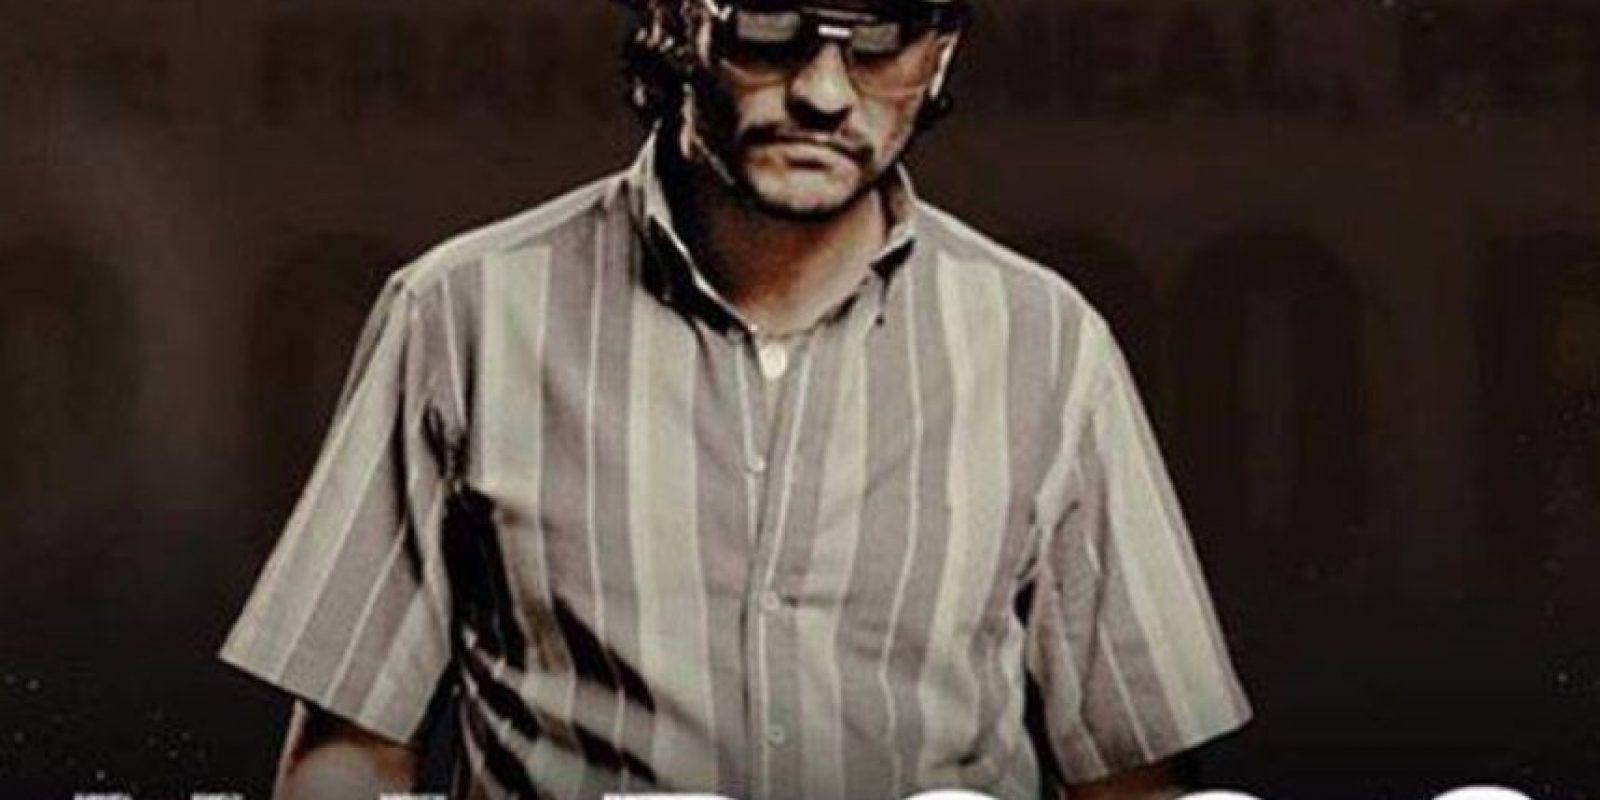 """Desde ahí ha trabajado en producciones como """"Los Caballeros las prefieren brutas"""" o """"El Cartel de los Sapos"""", entre otros exitosos dramas televisivos. Foto:vía Facebook/Juan Pablo Raba"""